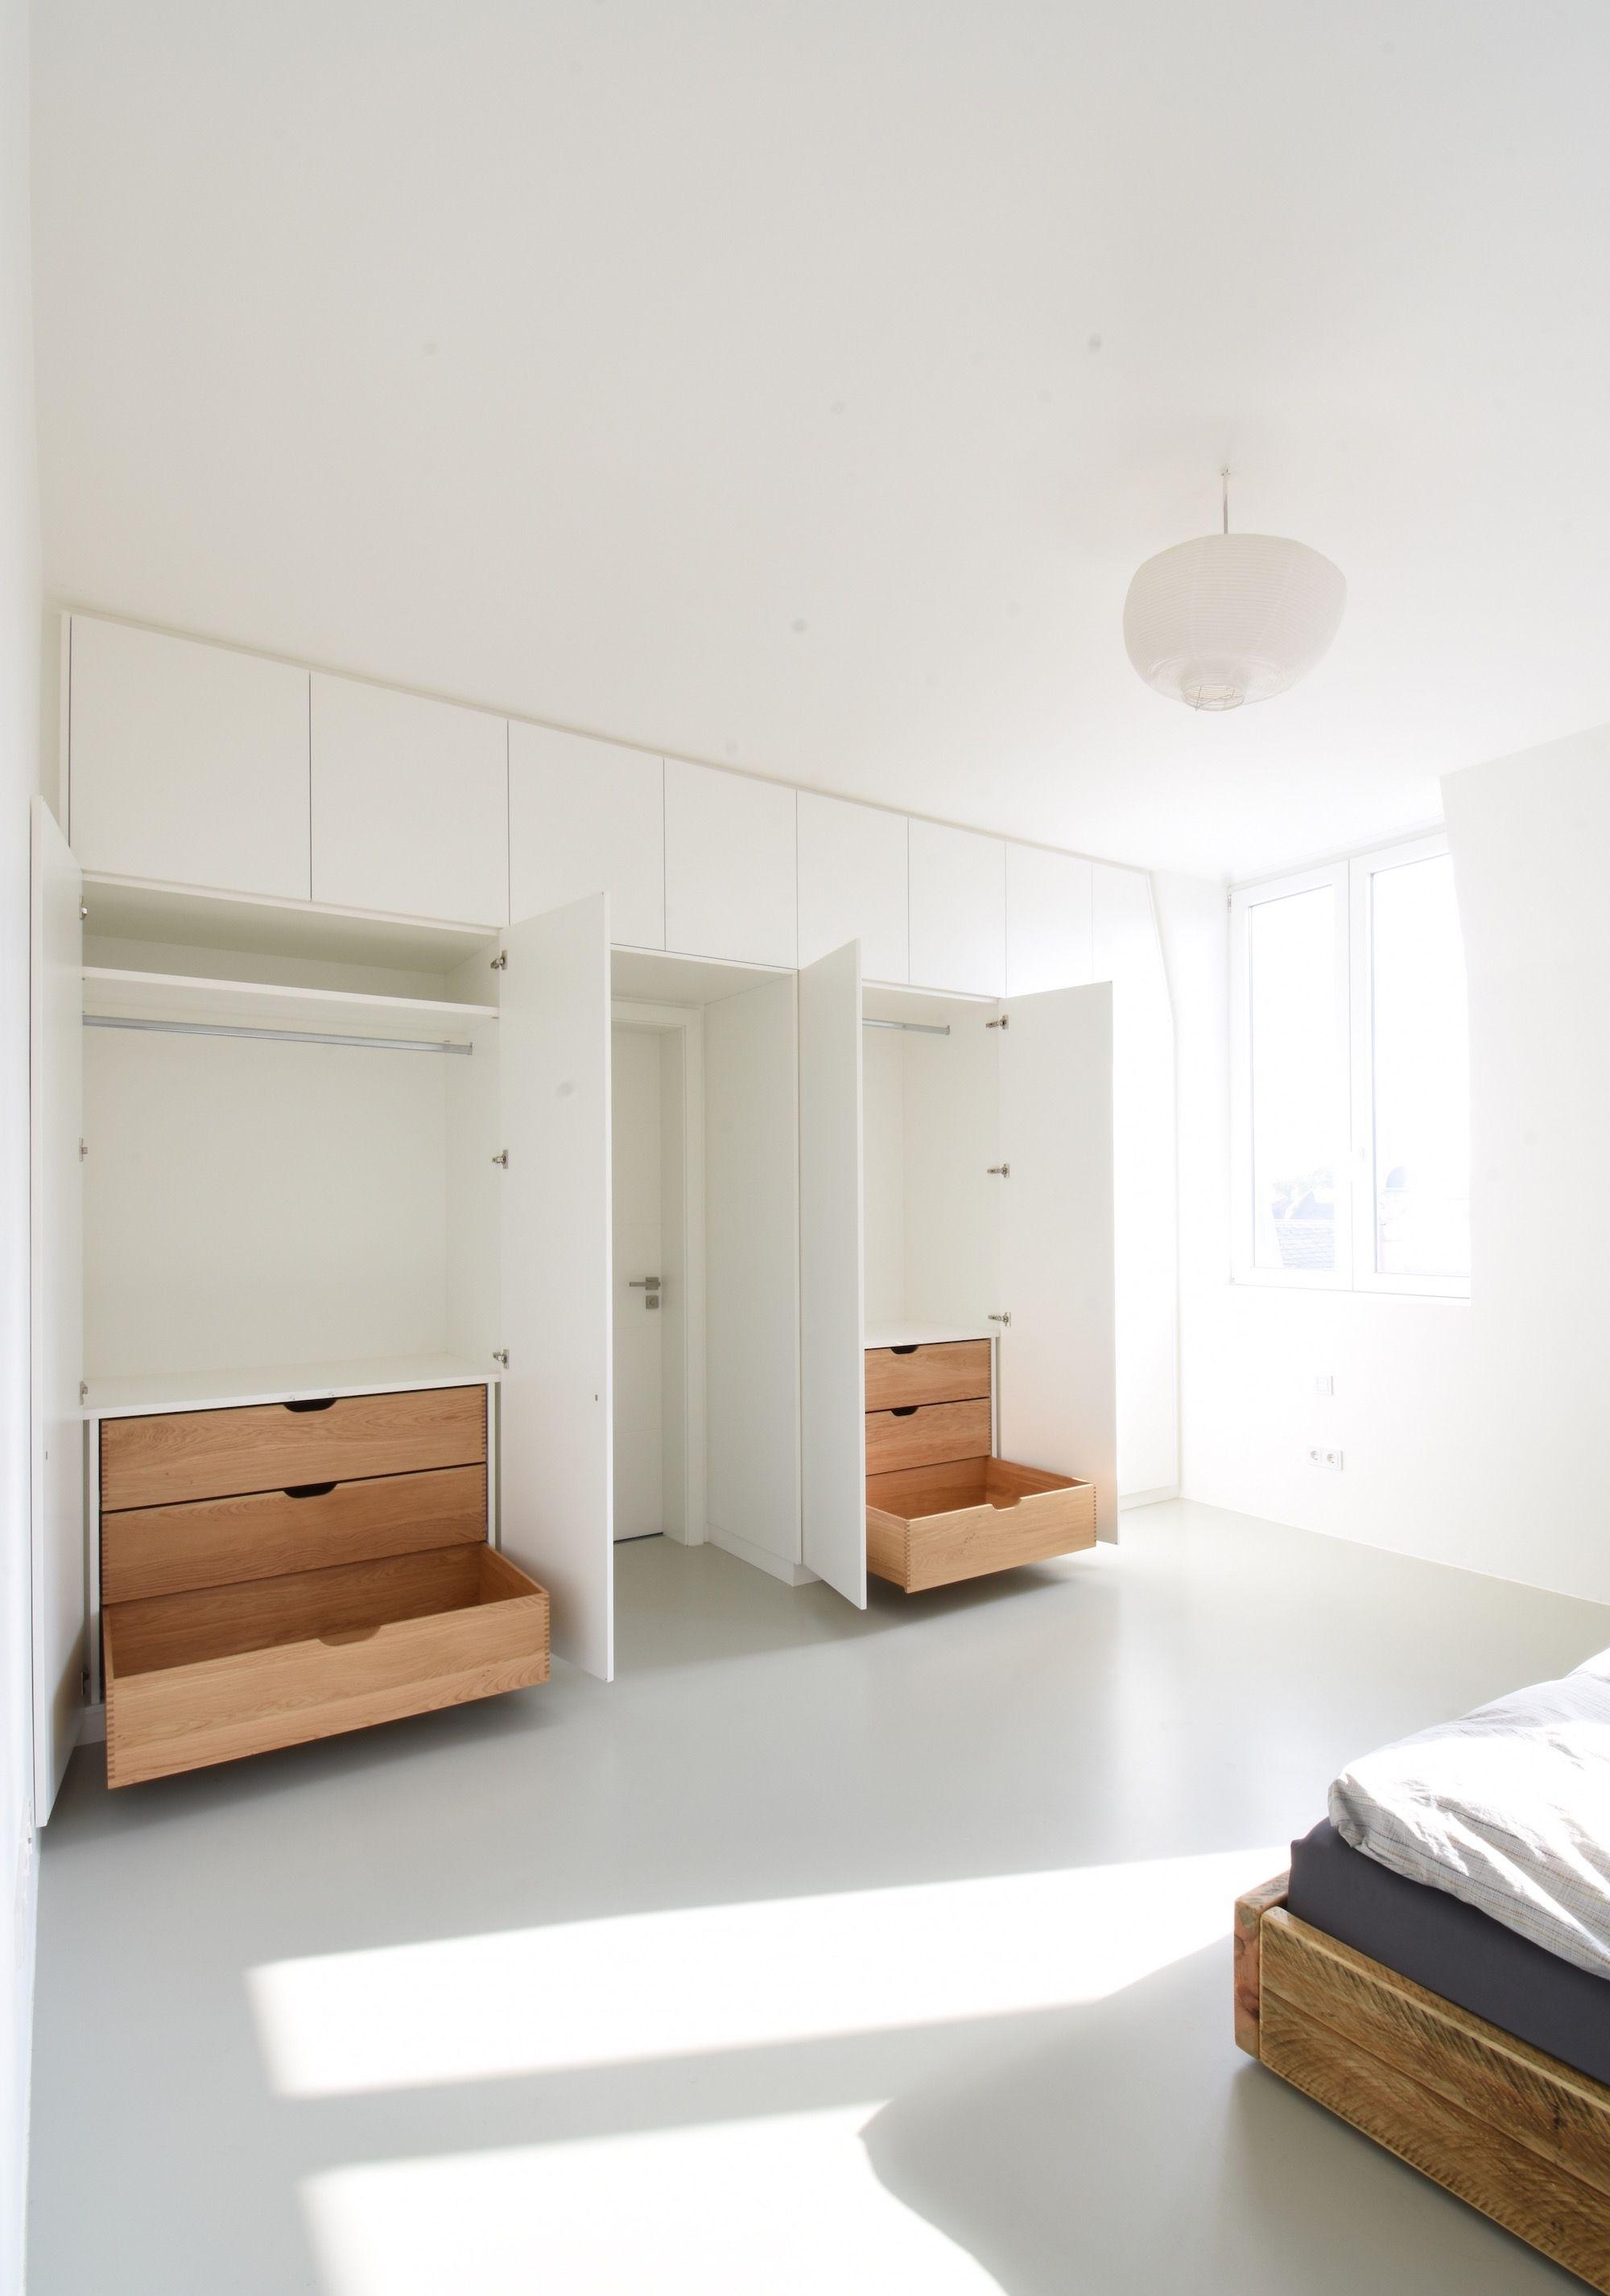 Schlafzimmereinbauschrank In 2020 Einbauschrank Kleiderschrank Nach Mass Zimmer